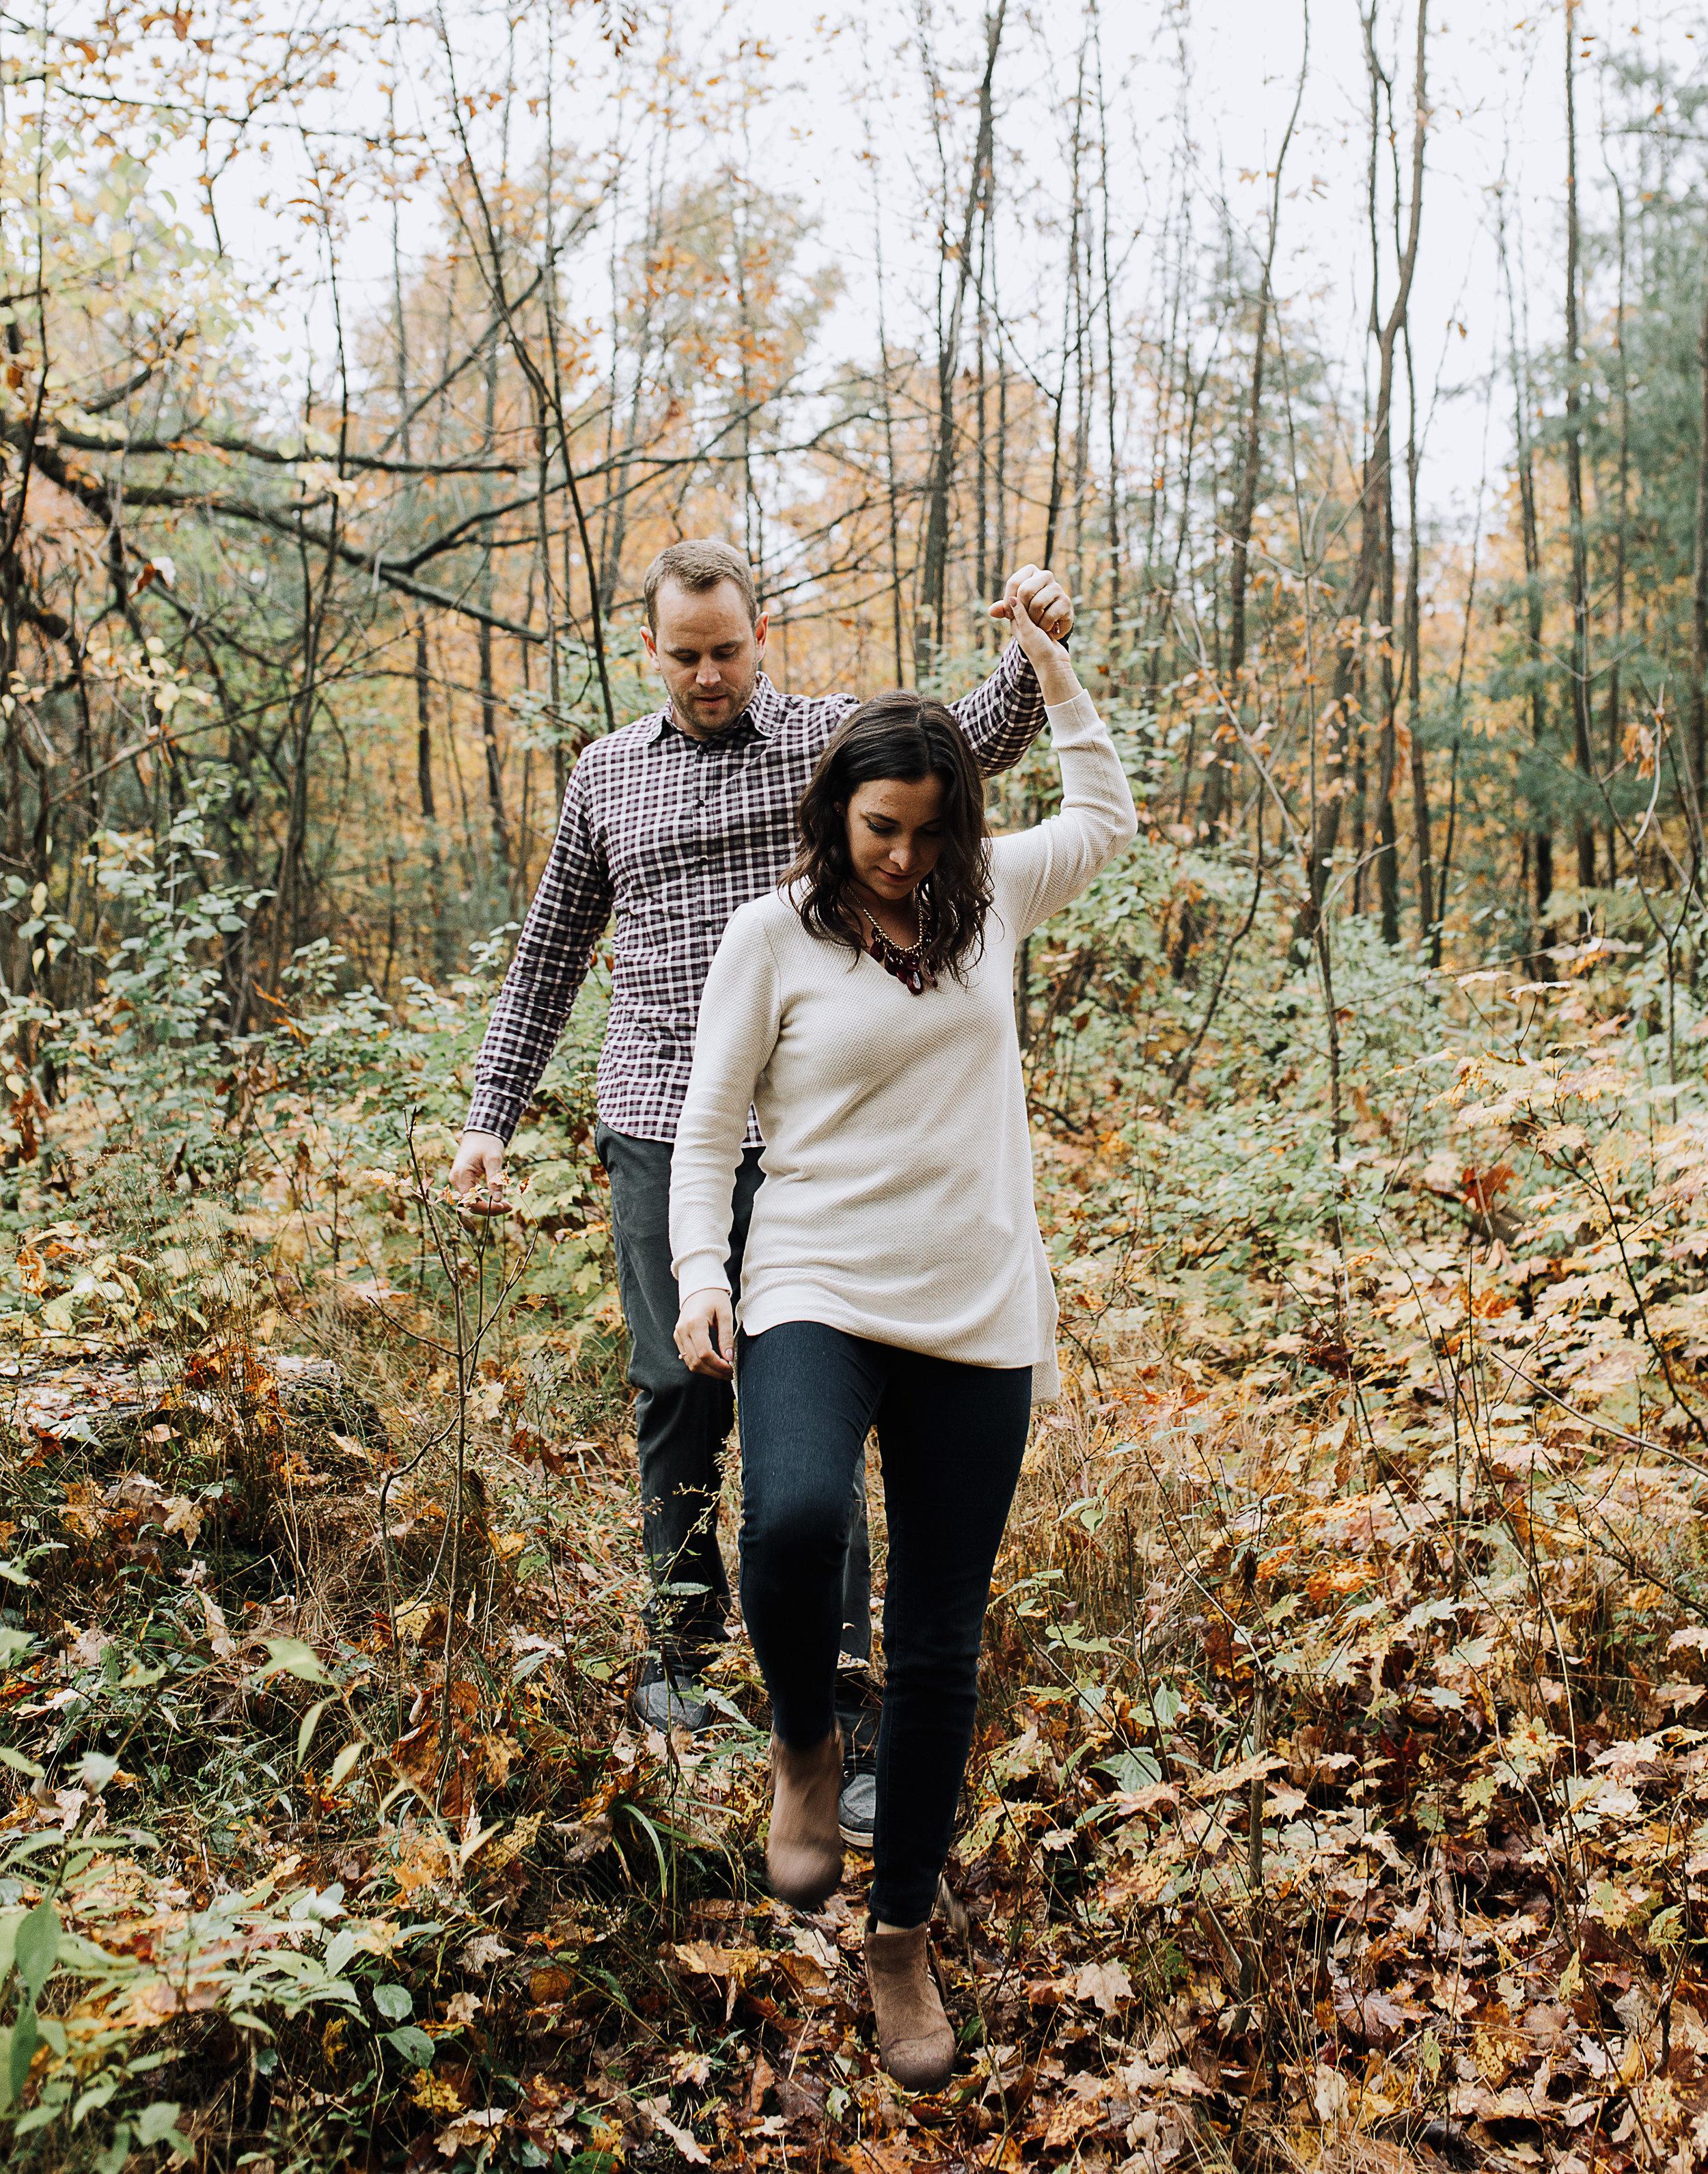 Evie&Glenn10.14.17-33.jpg